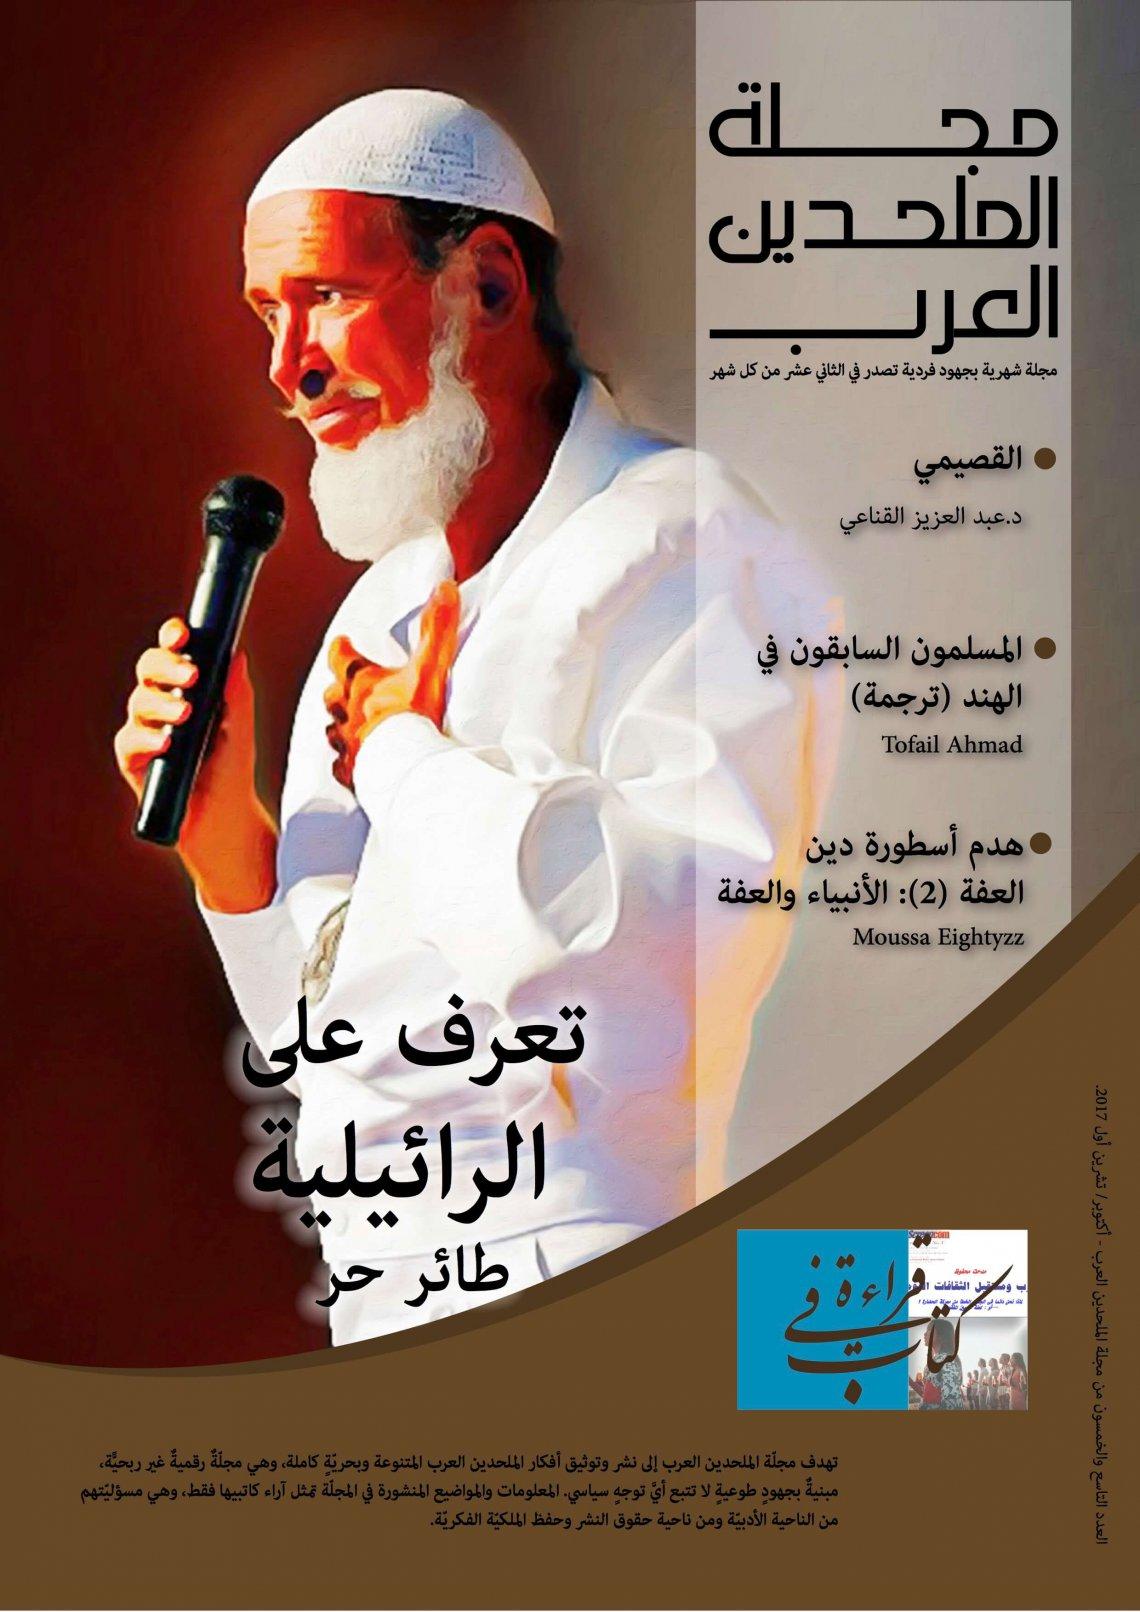 مجلة الملحدين العرب / العدد التاسع والخمسون / أكتوبر تشرين أول / 2017